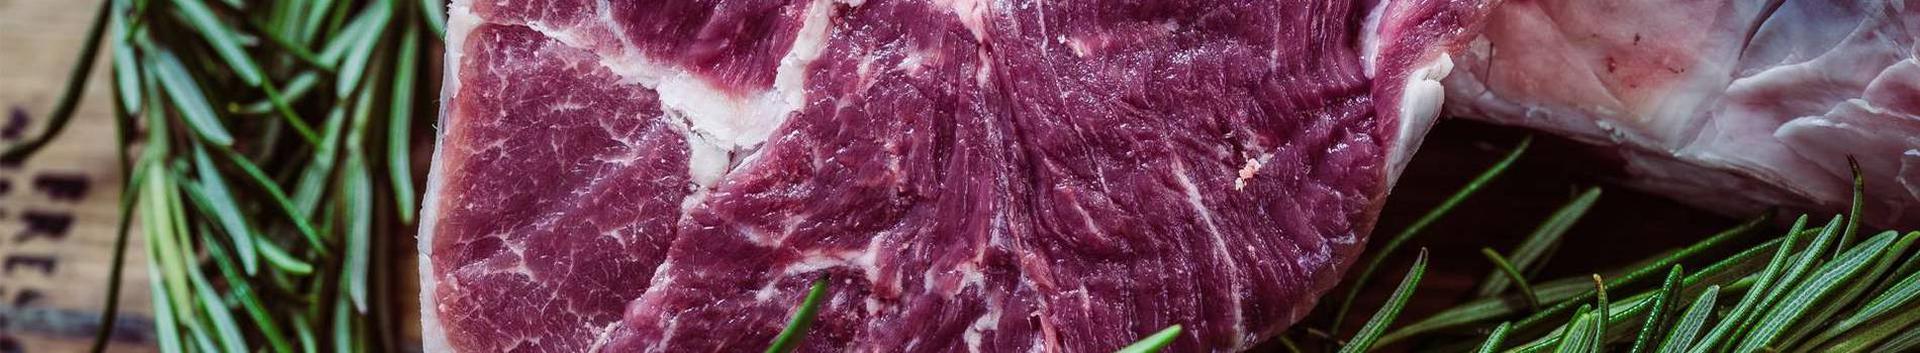 liha, lihatooted, Lihatööstus, linnukasvatus, Loomakasvatus, põllumajandusloomad ja -linnud, põllumajandusloomad, Suitsuvorstid, toiduainetetööstus, Jaekaubandus